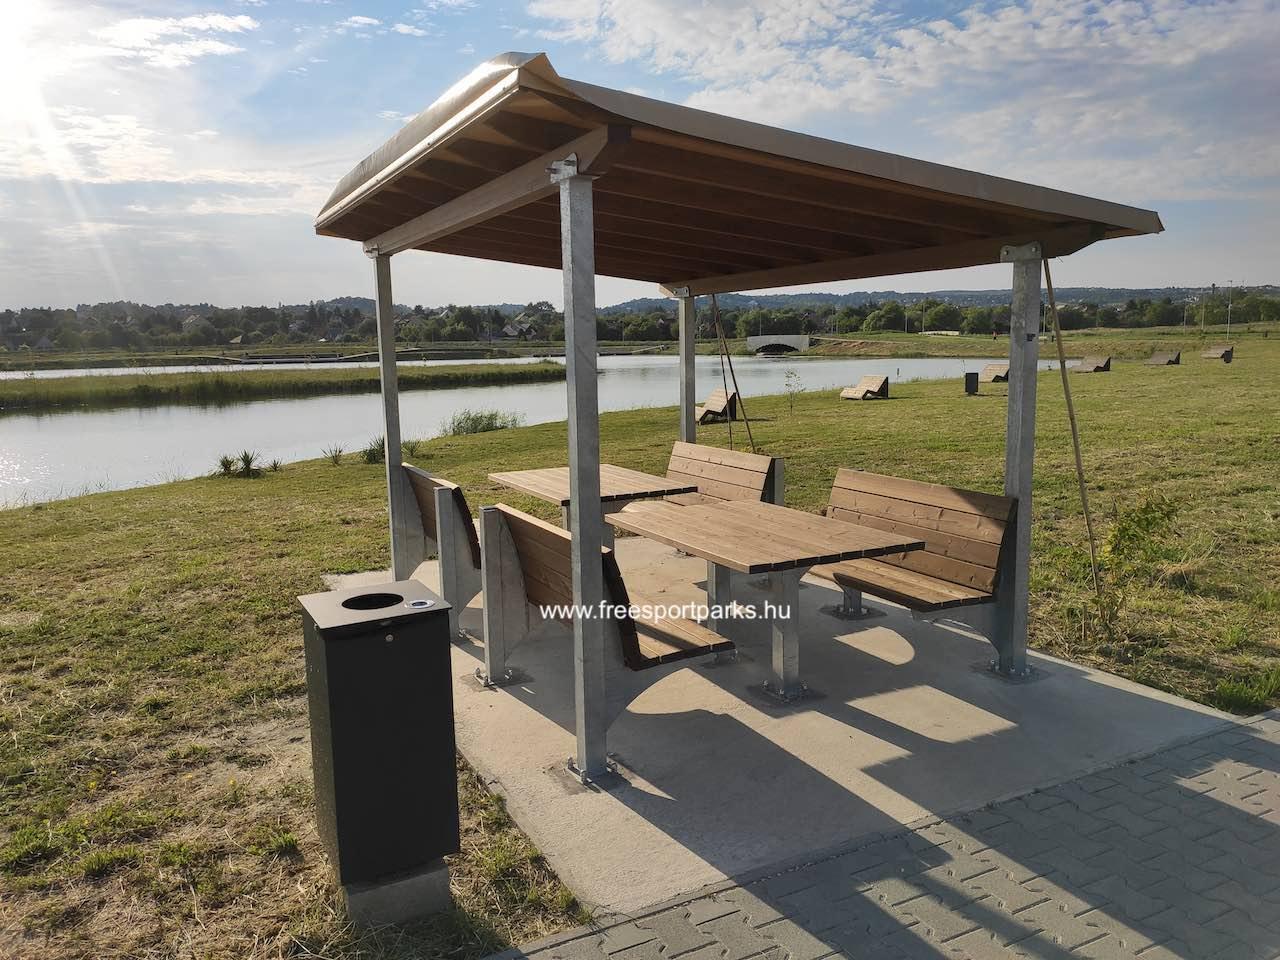 fedett pihenő - Érd szabadidőpark - Free Sport Parks térkép